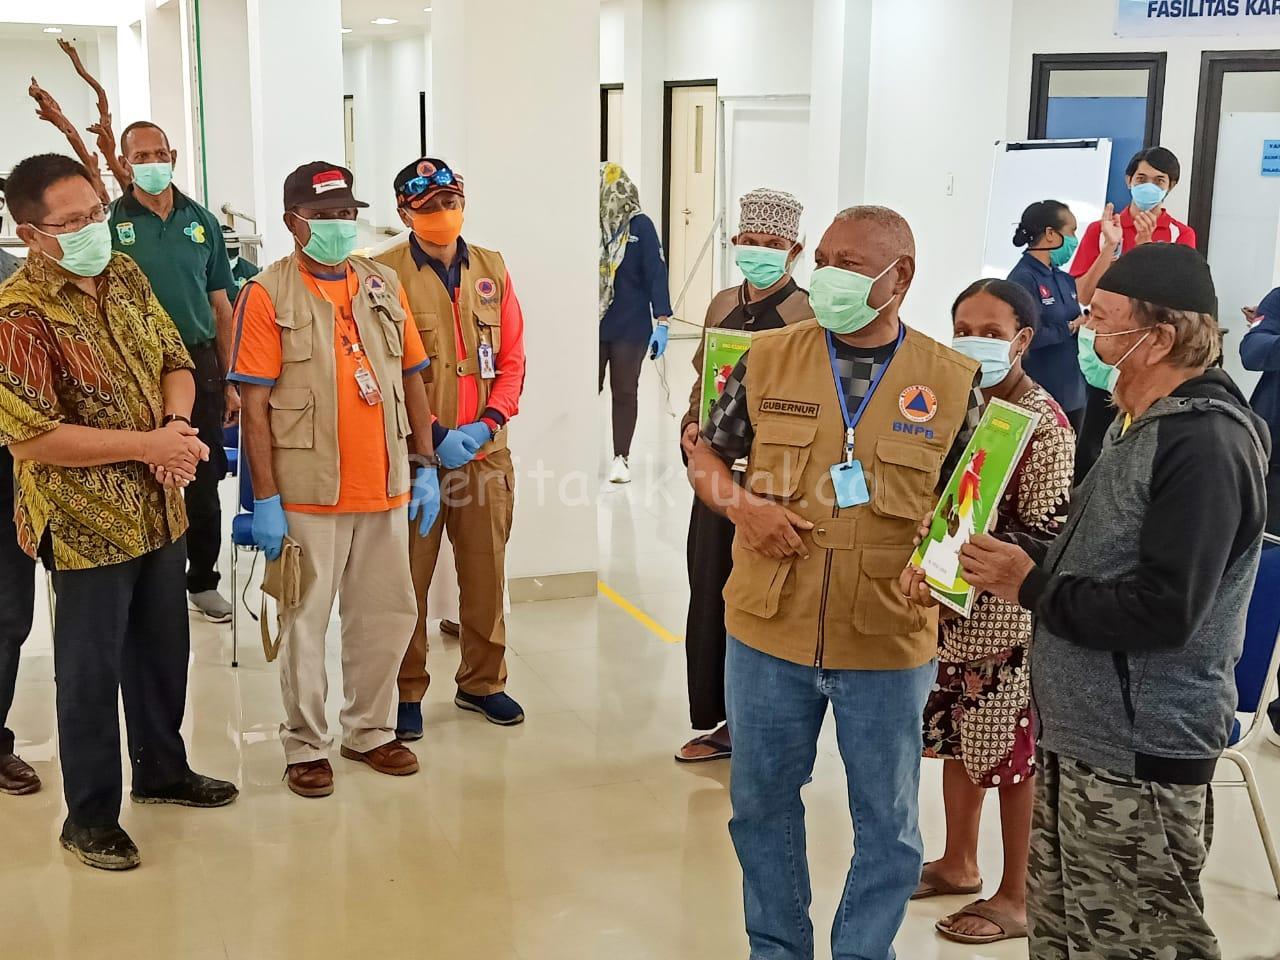 Tiga Pasien Manokwari Sembuh Corona, Gubernur PB: Warga Jangan Tolak Mereka 3 IMG 20200516 WA0035